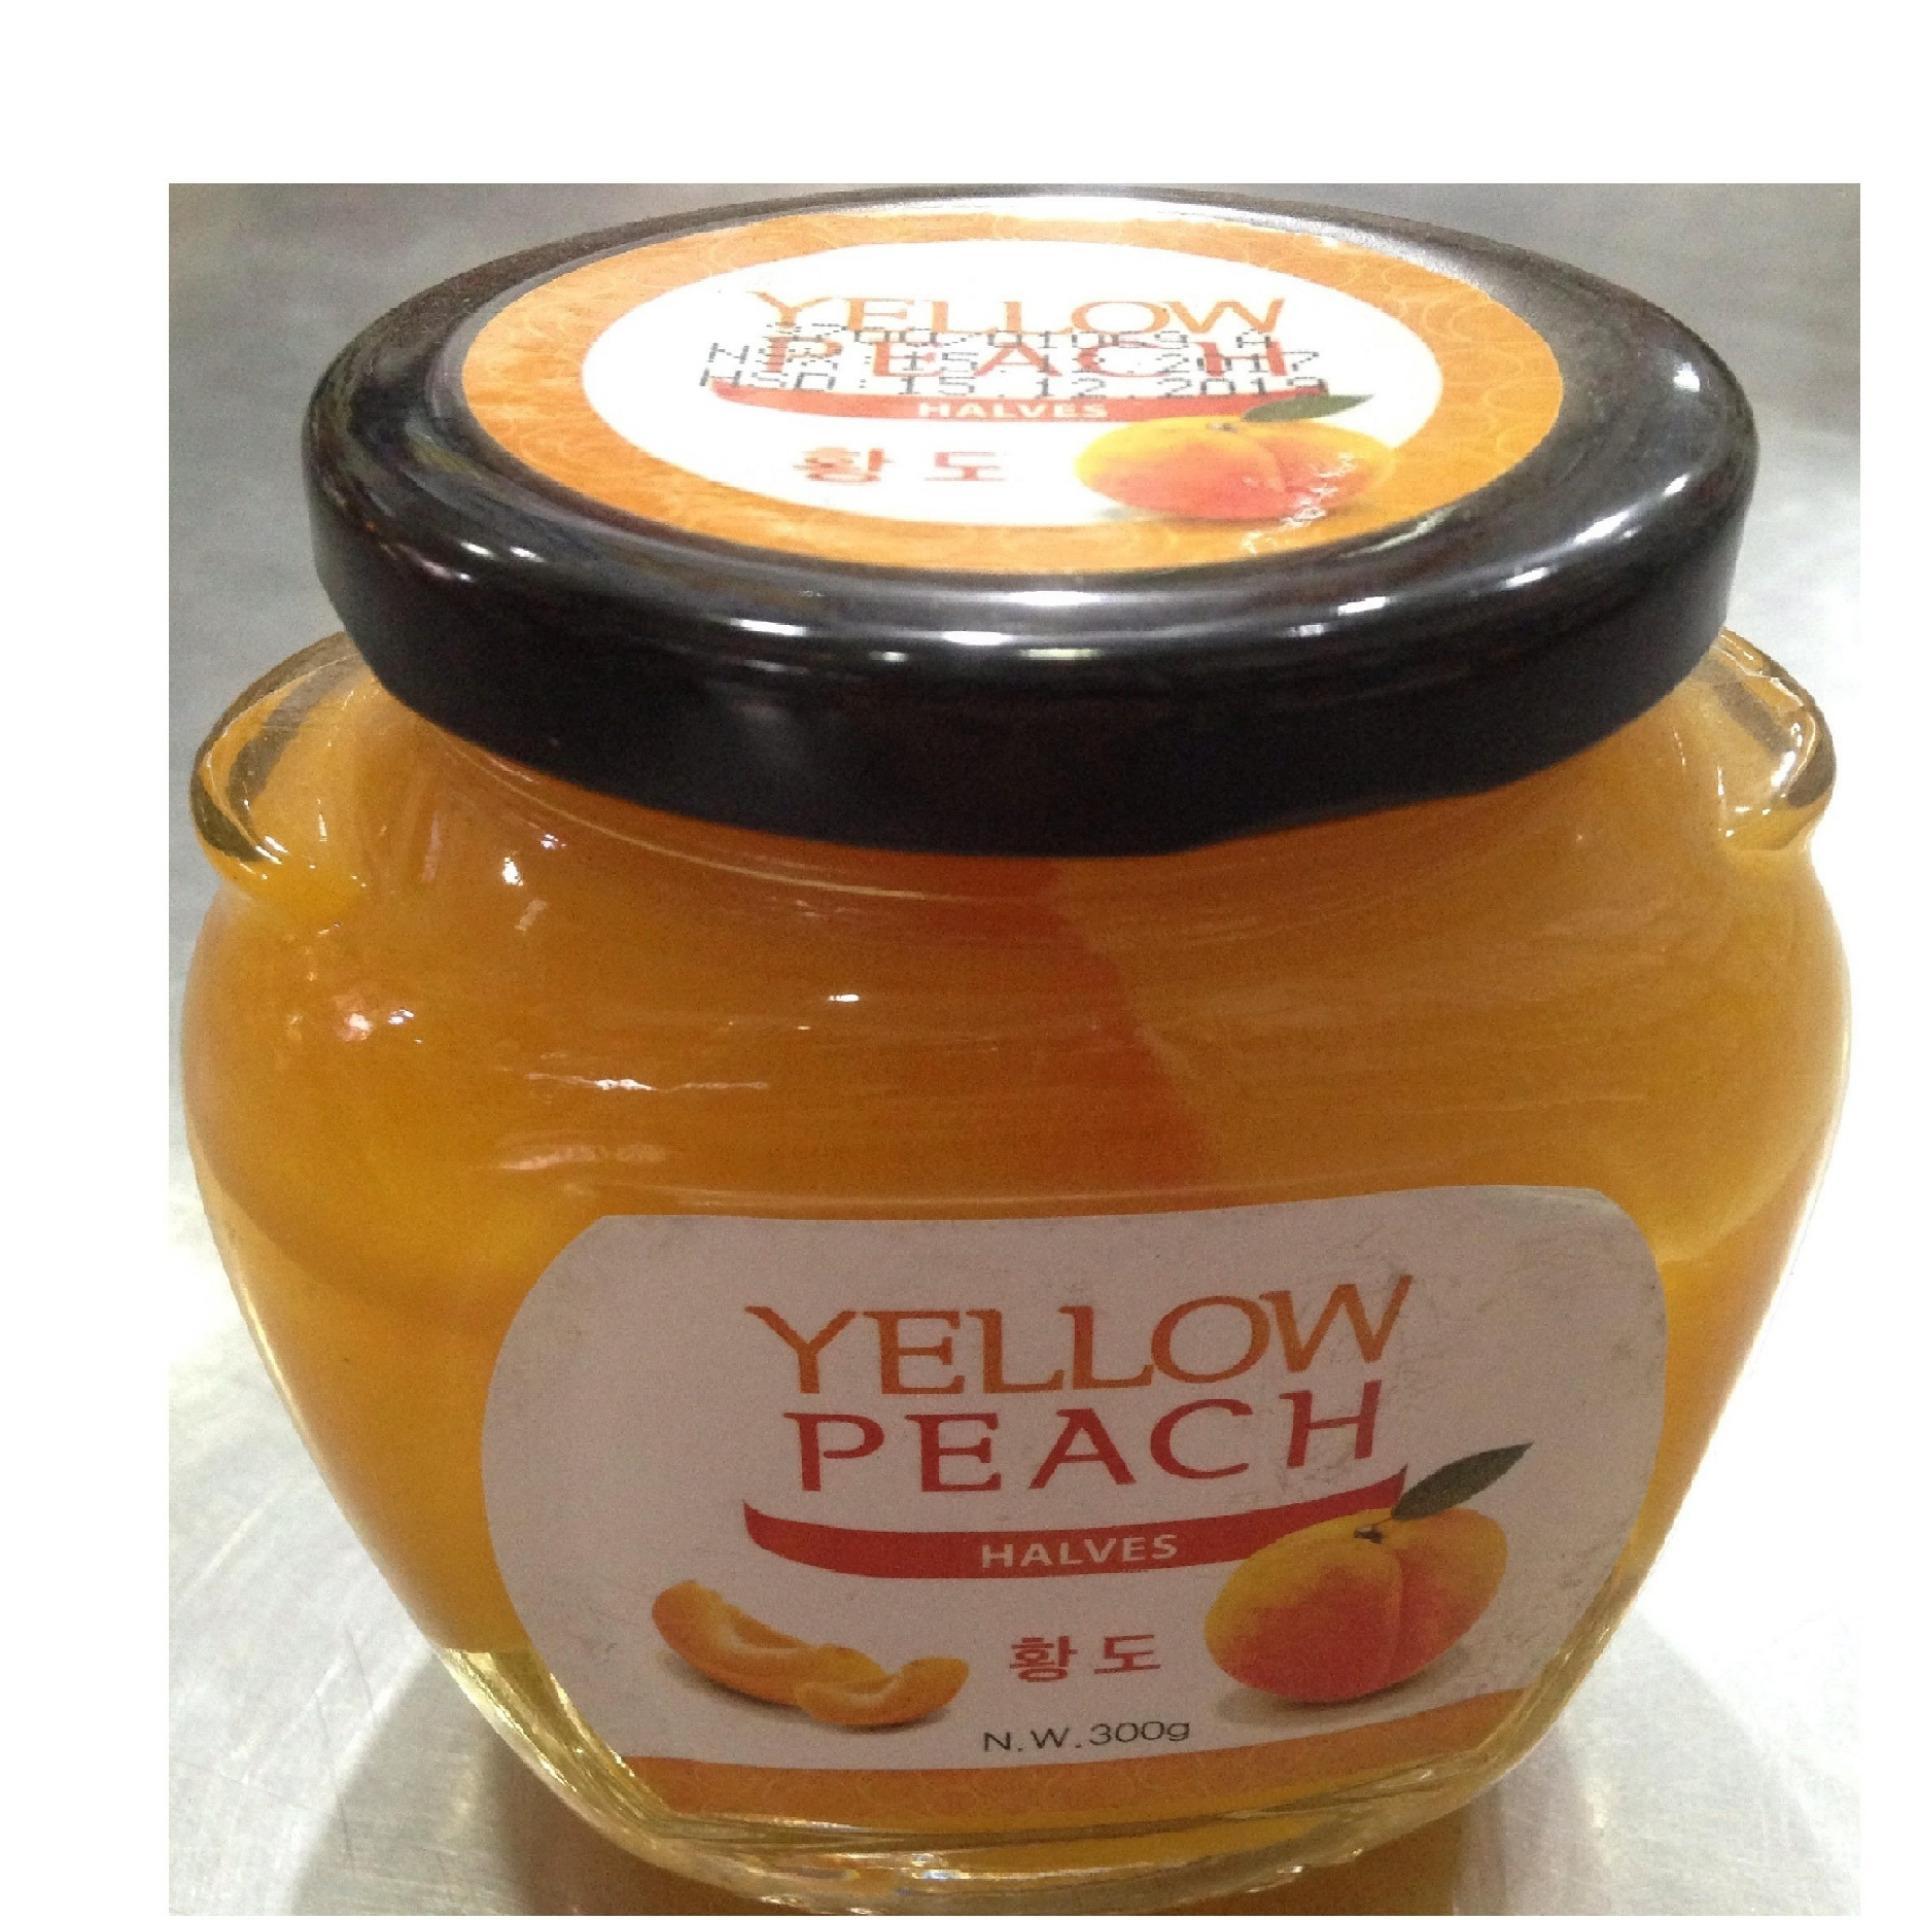 Đào ngâm hàn quốc Yellow peach slices 300gr chai thủy tinh 9x6x10 / lọ / Quả cắt miếng ngâm, hàng chuẩn, cực rẻ luôn, cucreluon